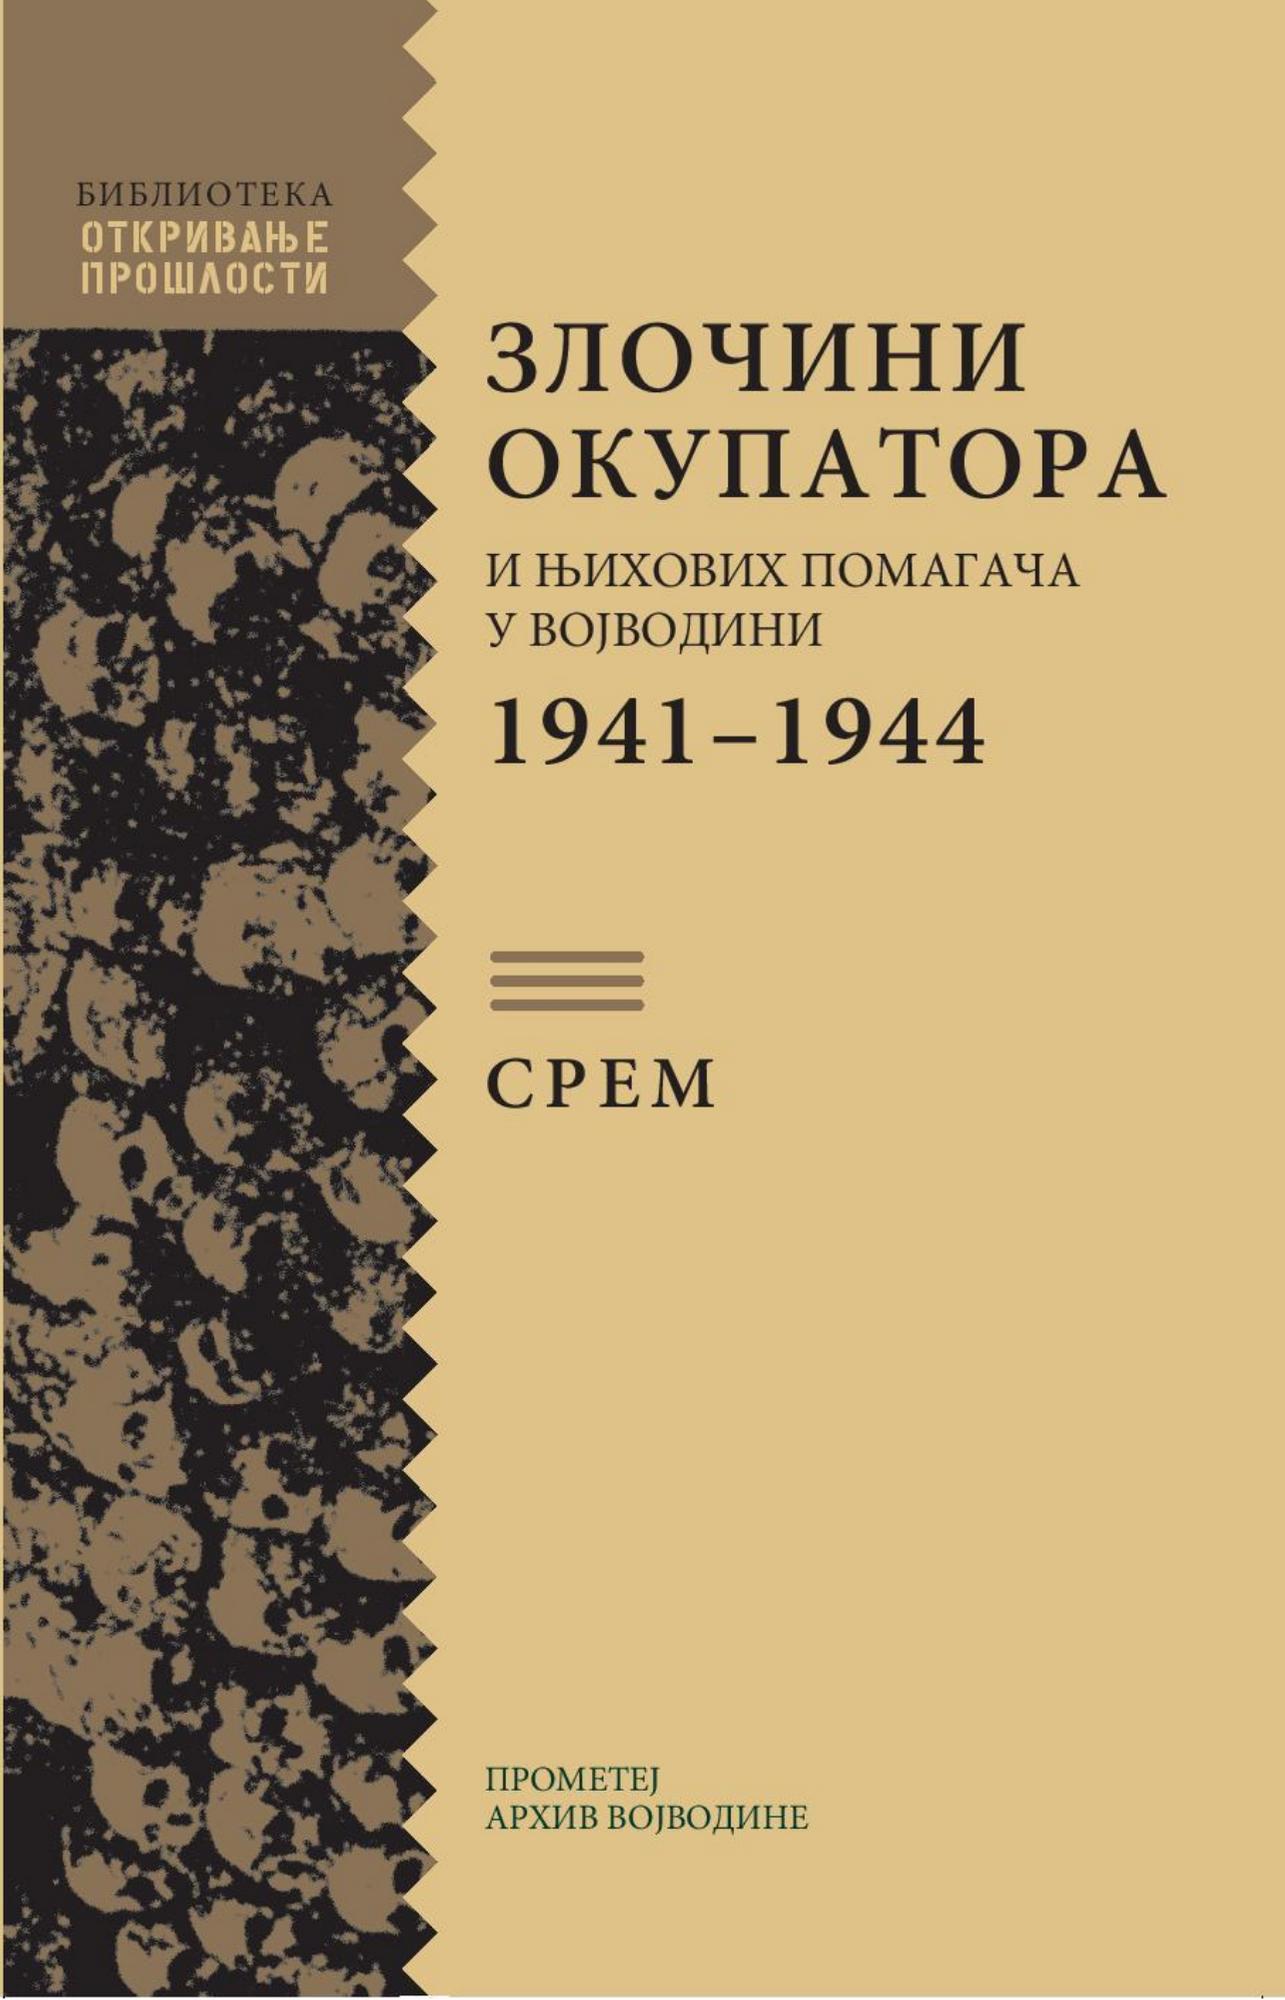 Zločini okupatora i njihovih pomagača u Vojvodini 1941-1944: SREM